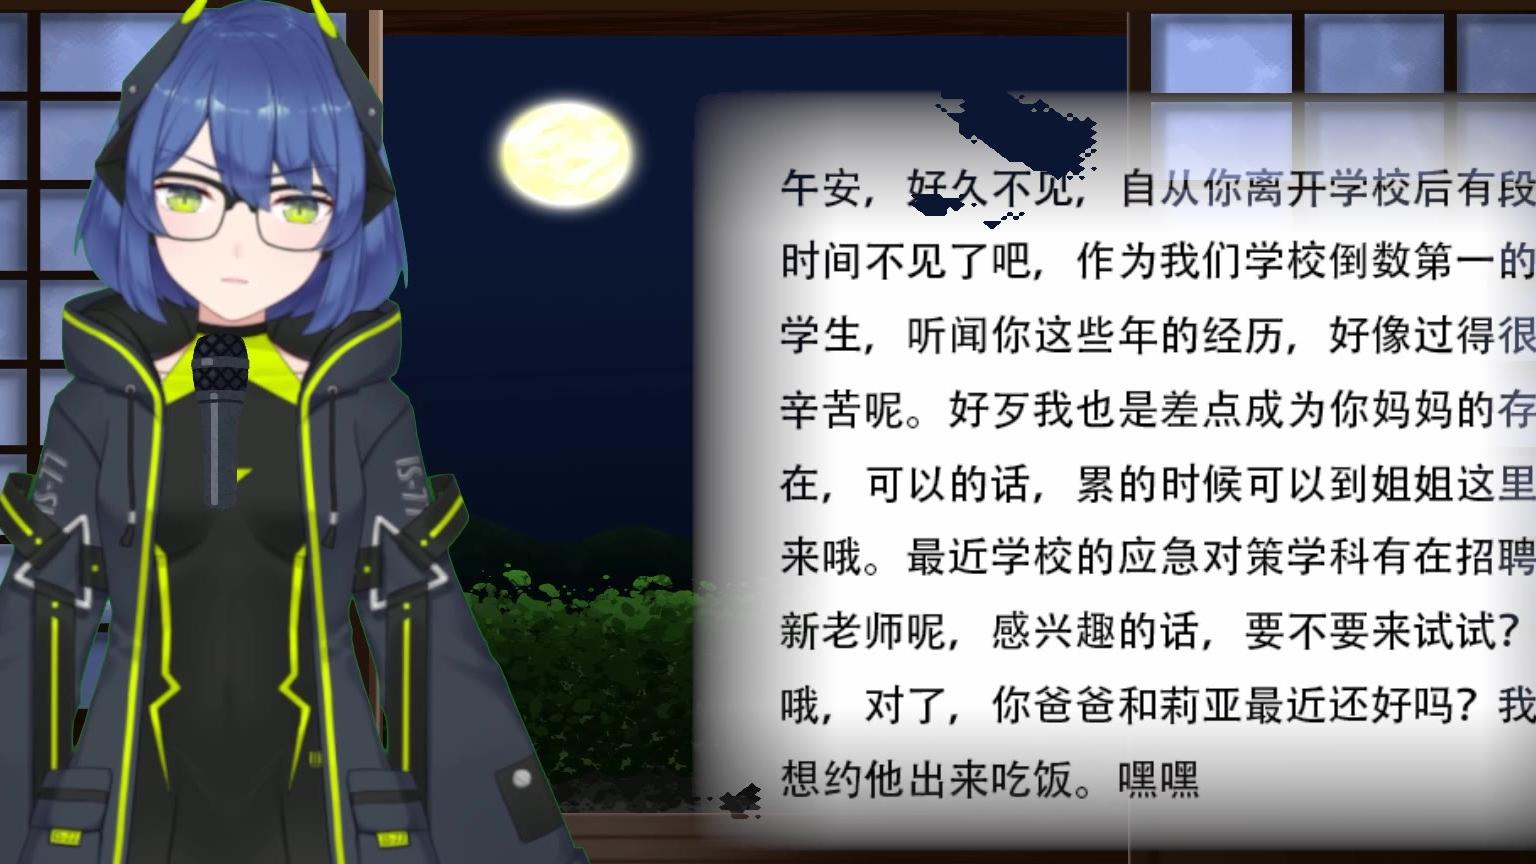 【月球广播局】#00 夏天不是恋爱的季节,给我好好工作!